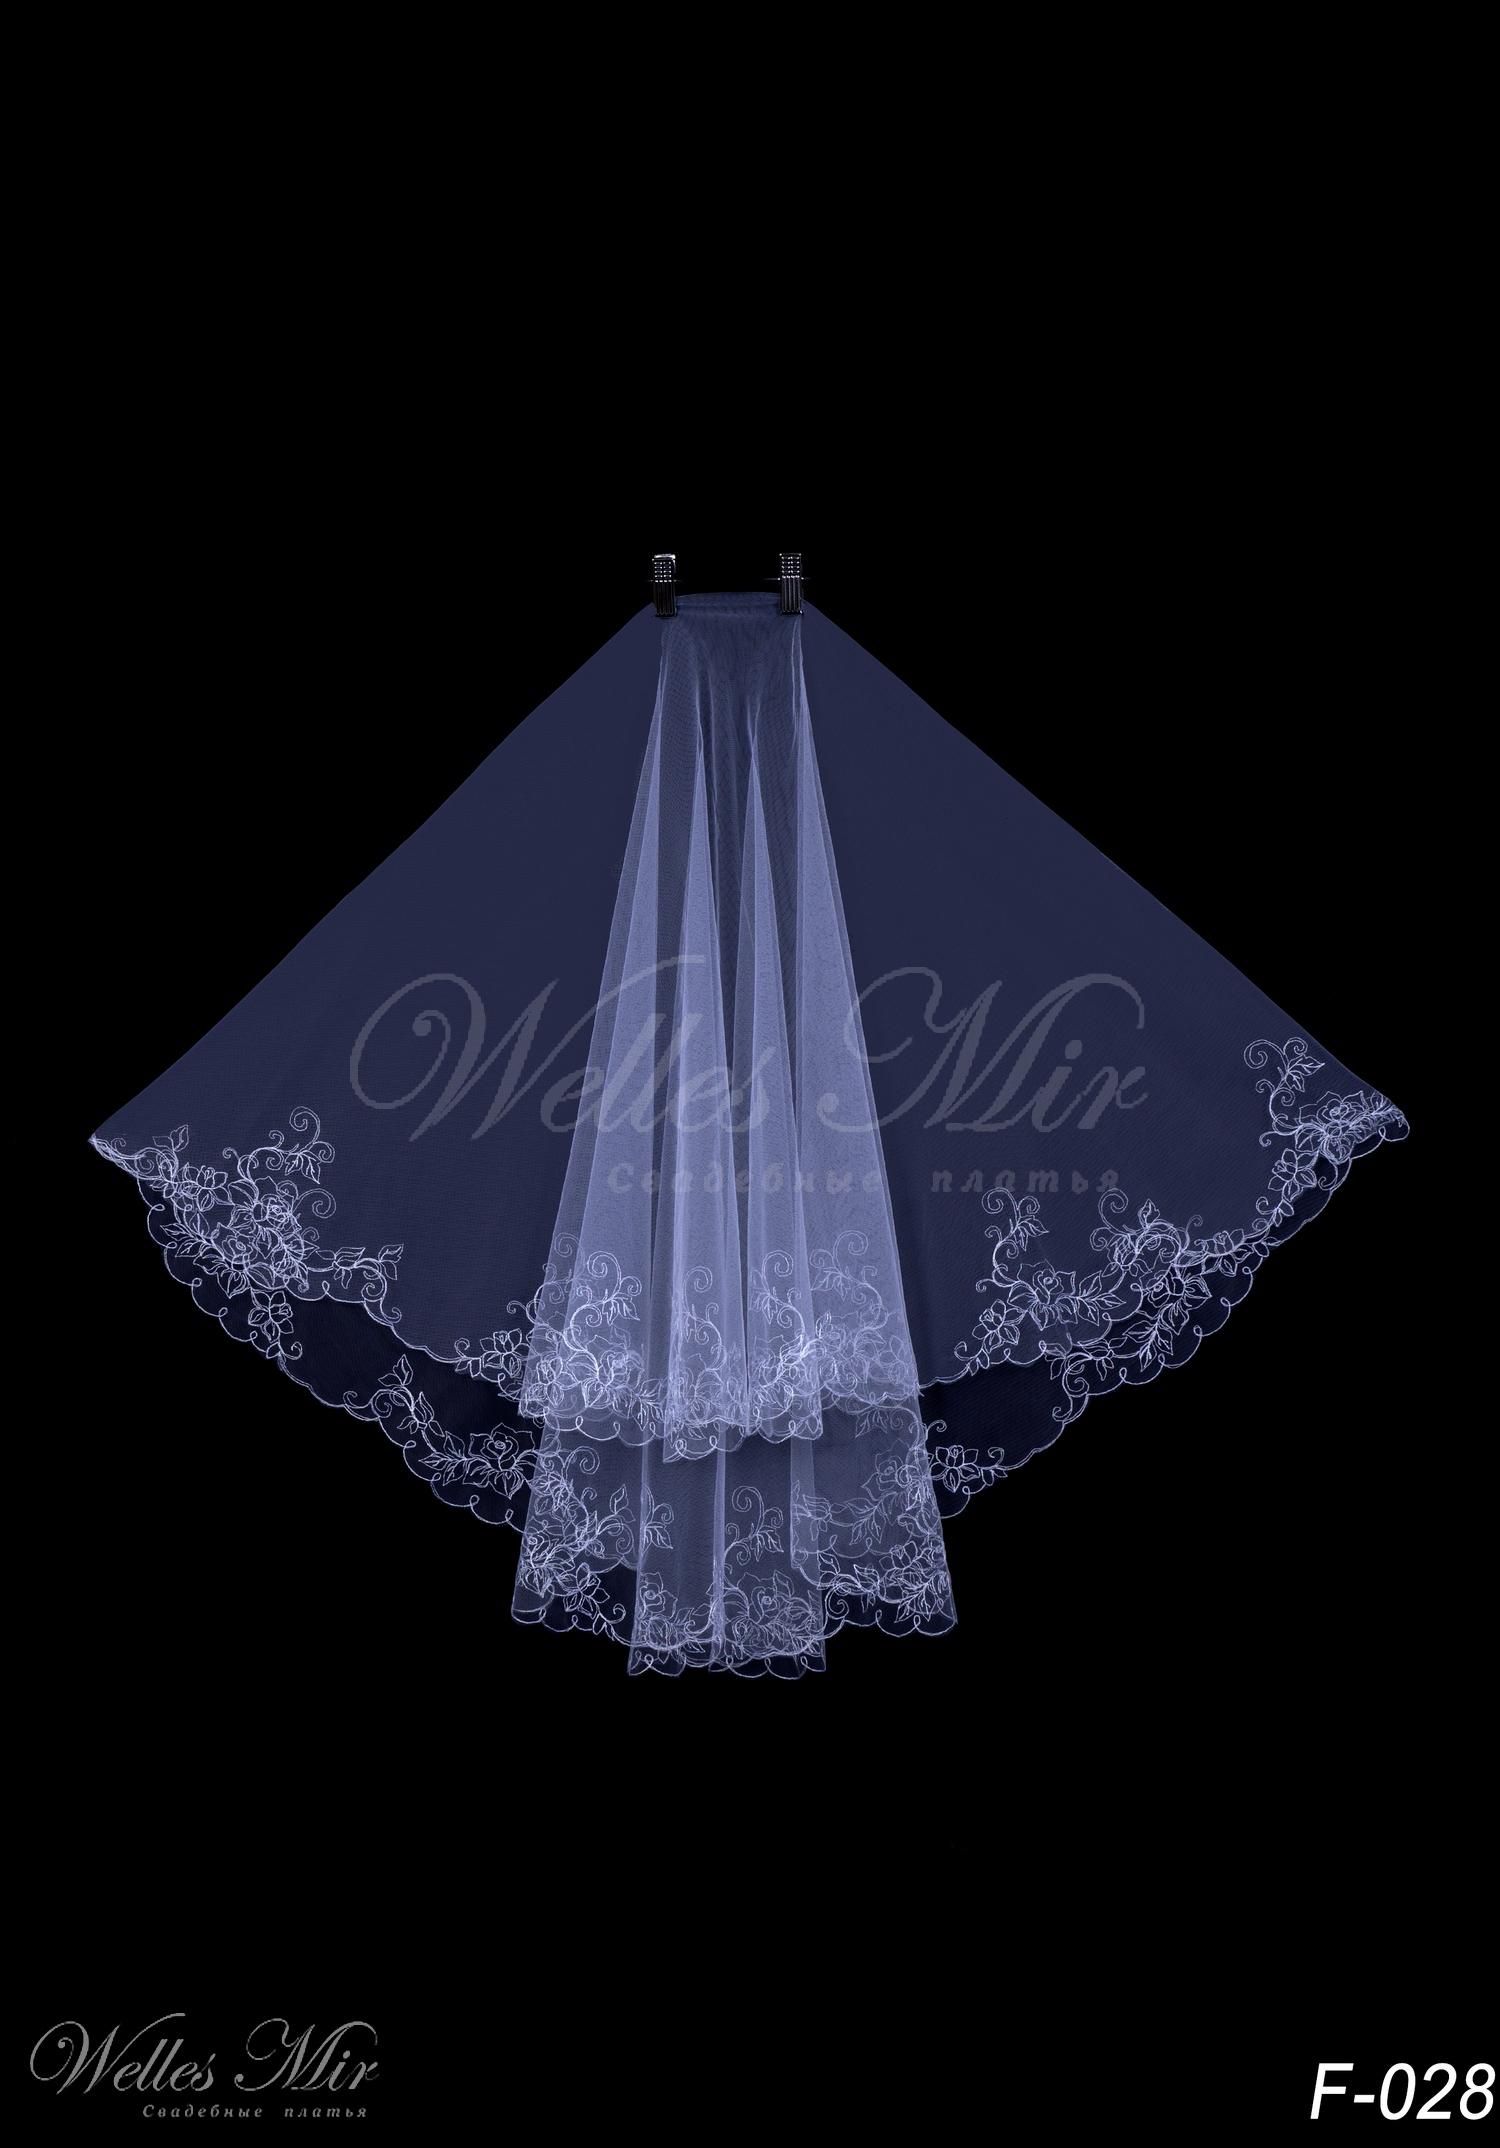 Veils Veils 2018 - F-028